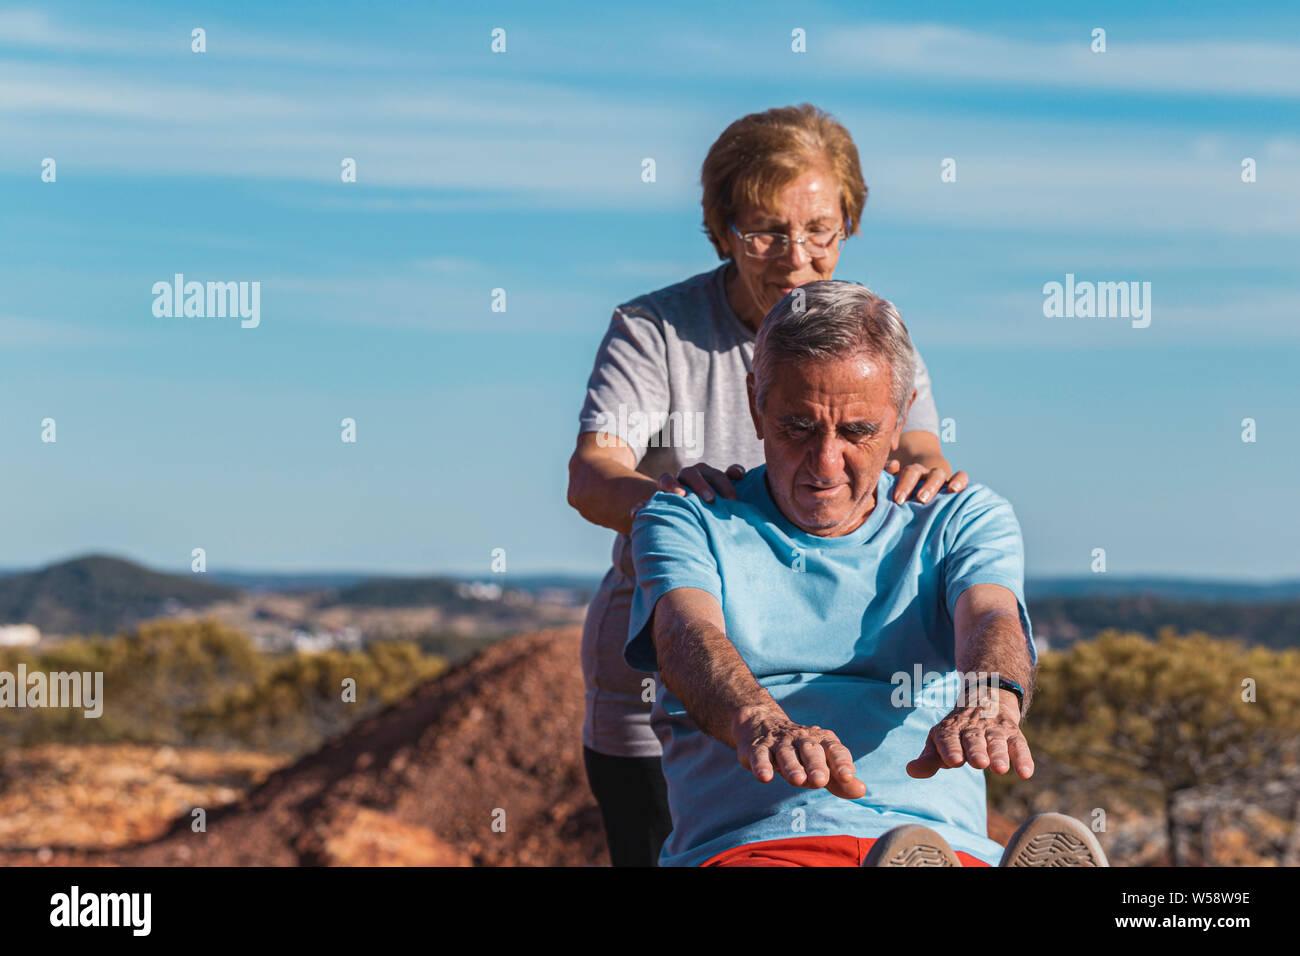 Ältere Frau helfen, die ältere Menschen und dabei eine Dehnung Übung im Freien mit blauem Himmel Hintergrund Stockfoto